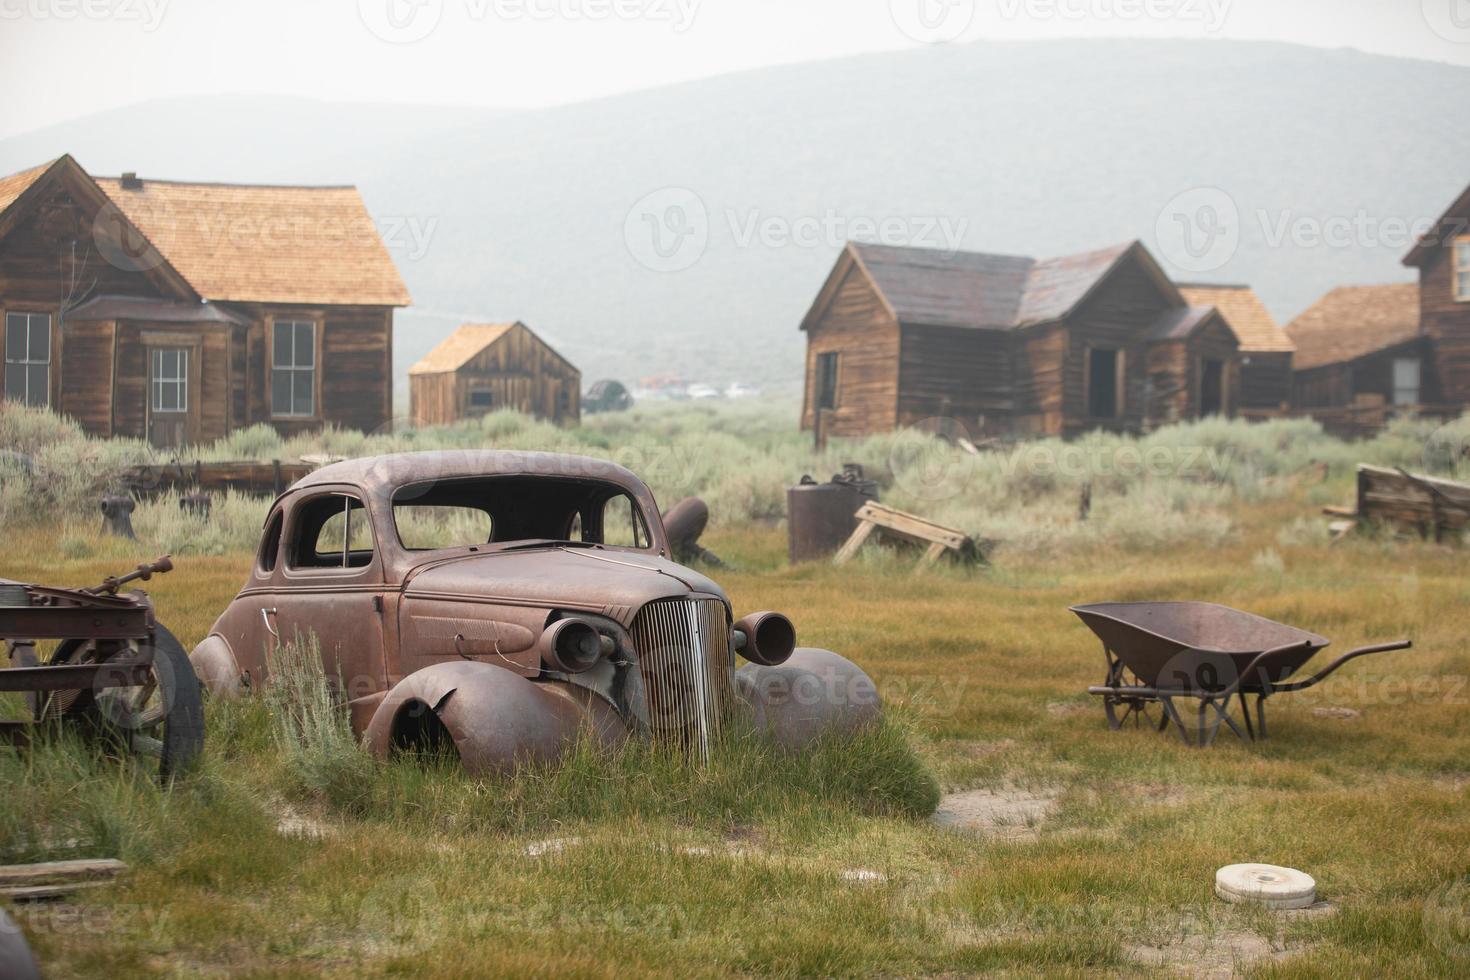 spökstad i östra Sierra med en veteranbil foto